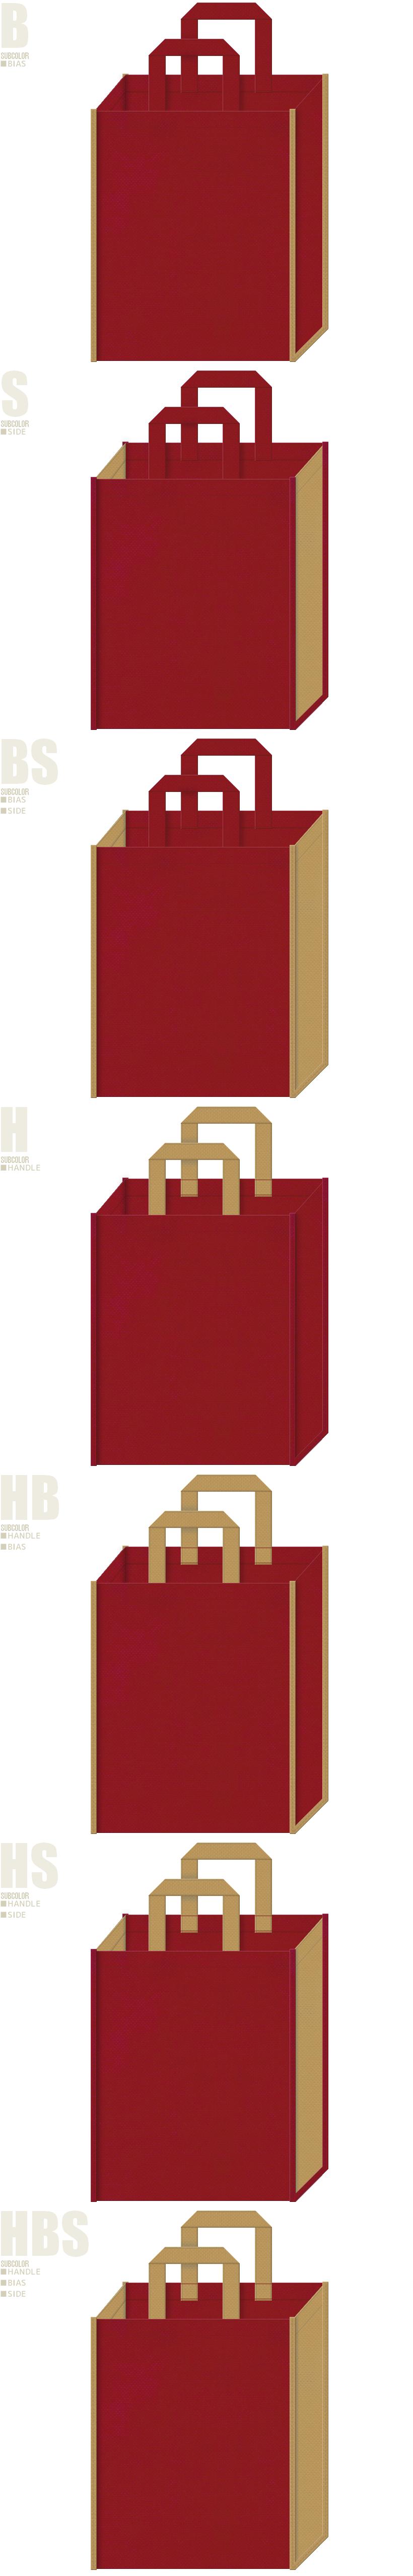 和傘・和風小物・和風装飾・演出・和風ディスプレイ・赤味噌・醤油・かつおだし・和風催事の記念品にお奨めの不織布バッグデザイン:臙脂色と金黄土色の配色7パターン